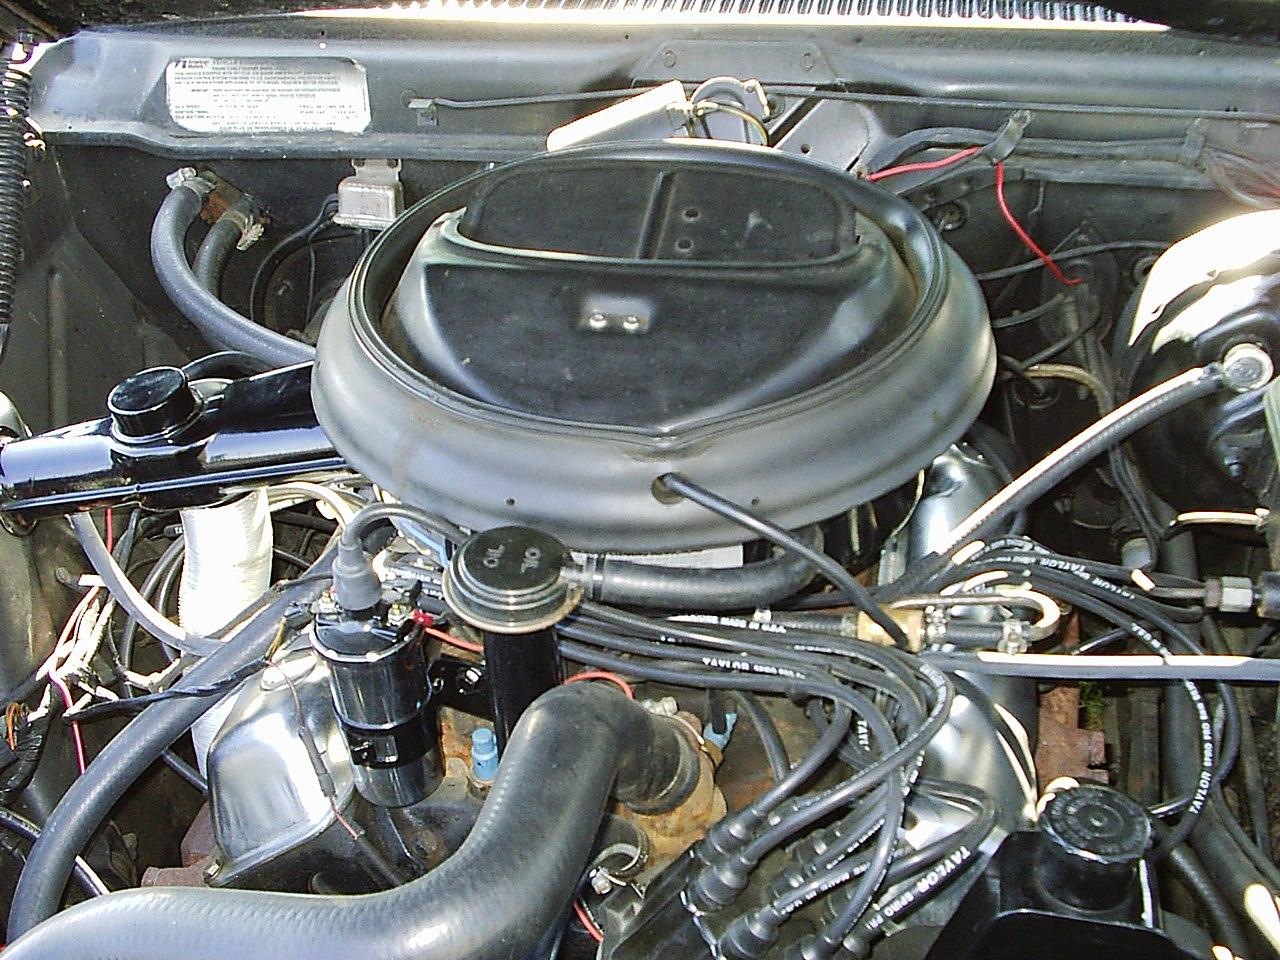 Restoration Car Parts In Saint Clairsville Ohio